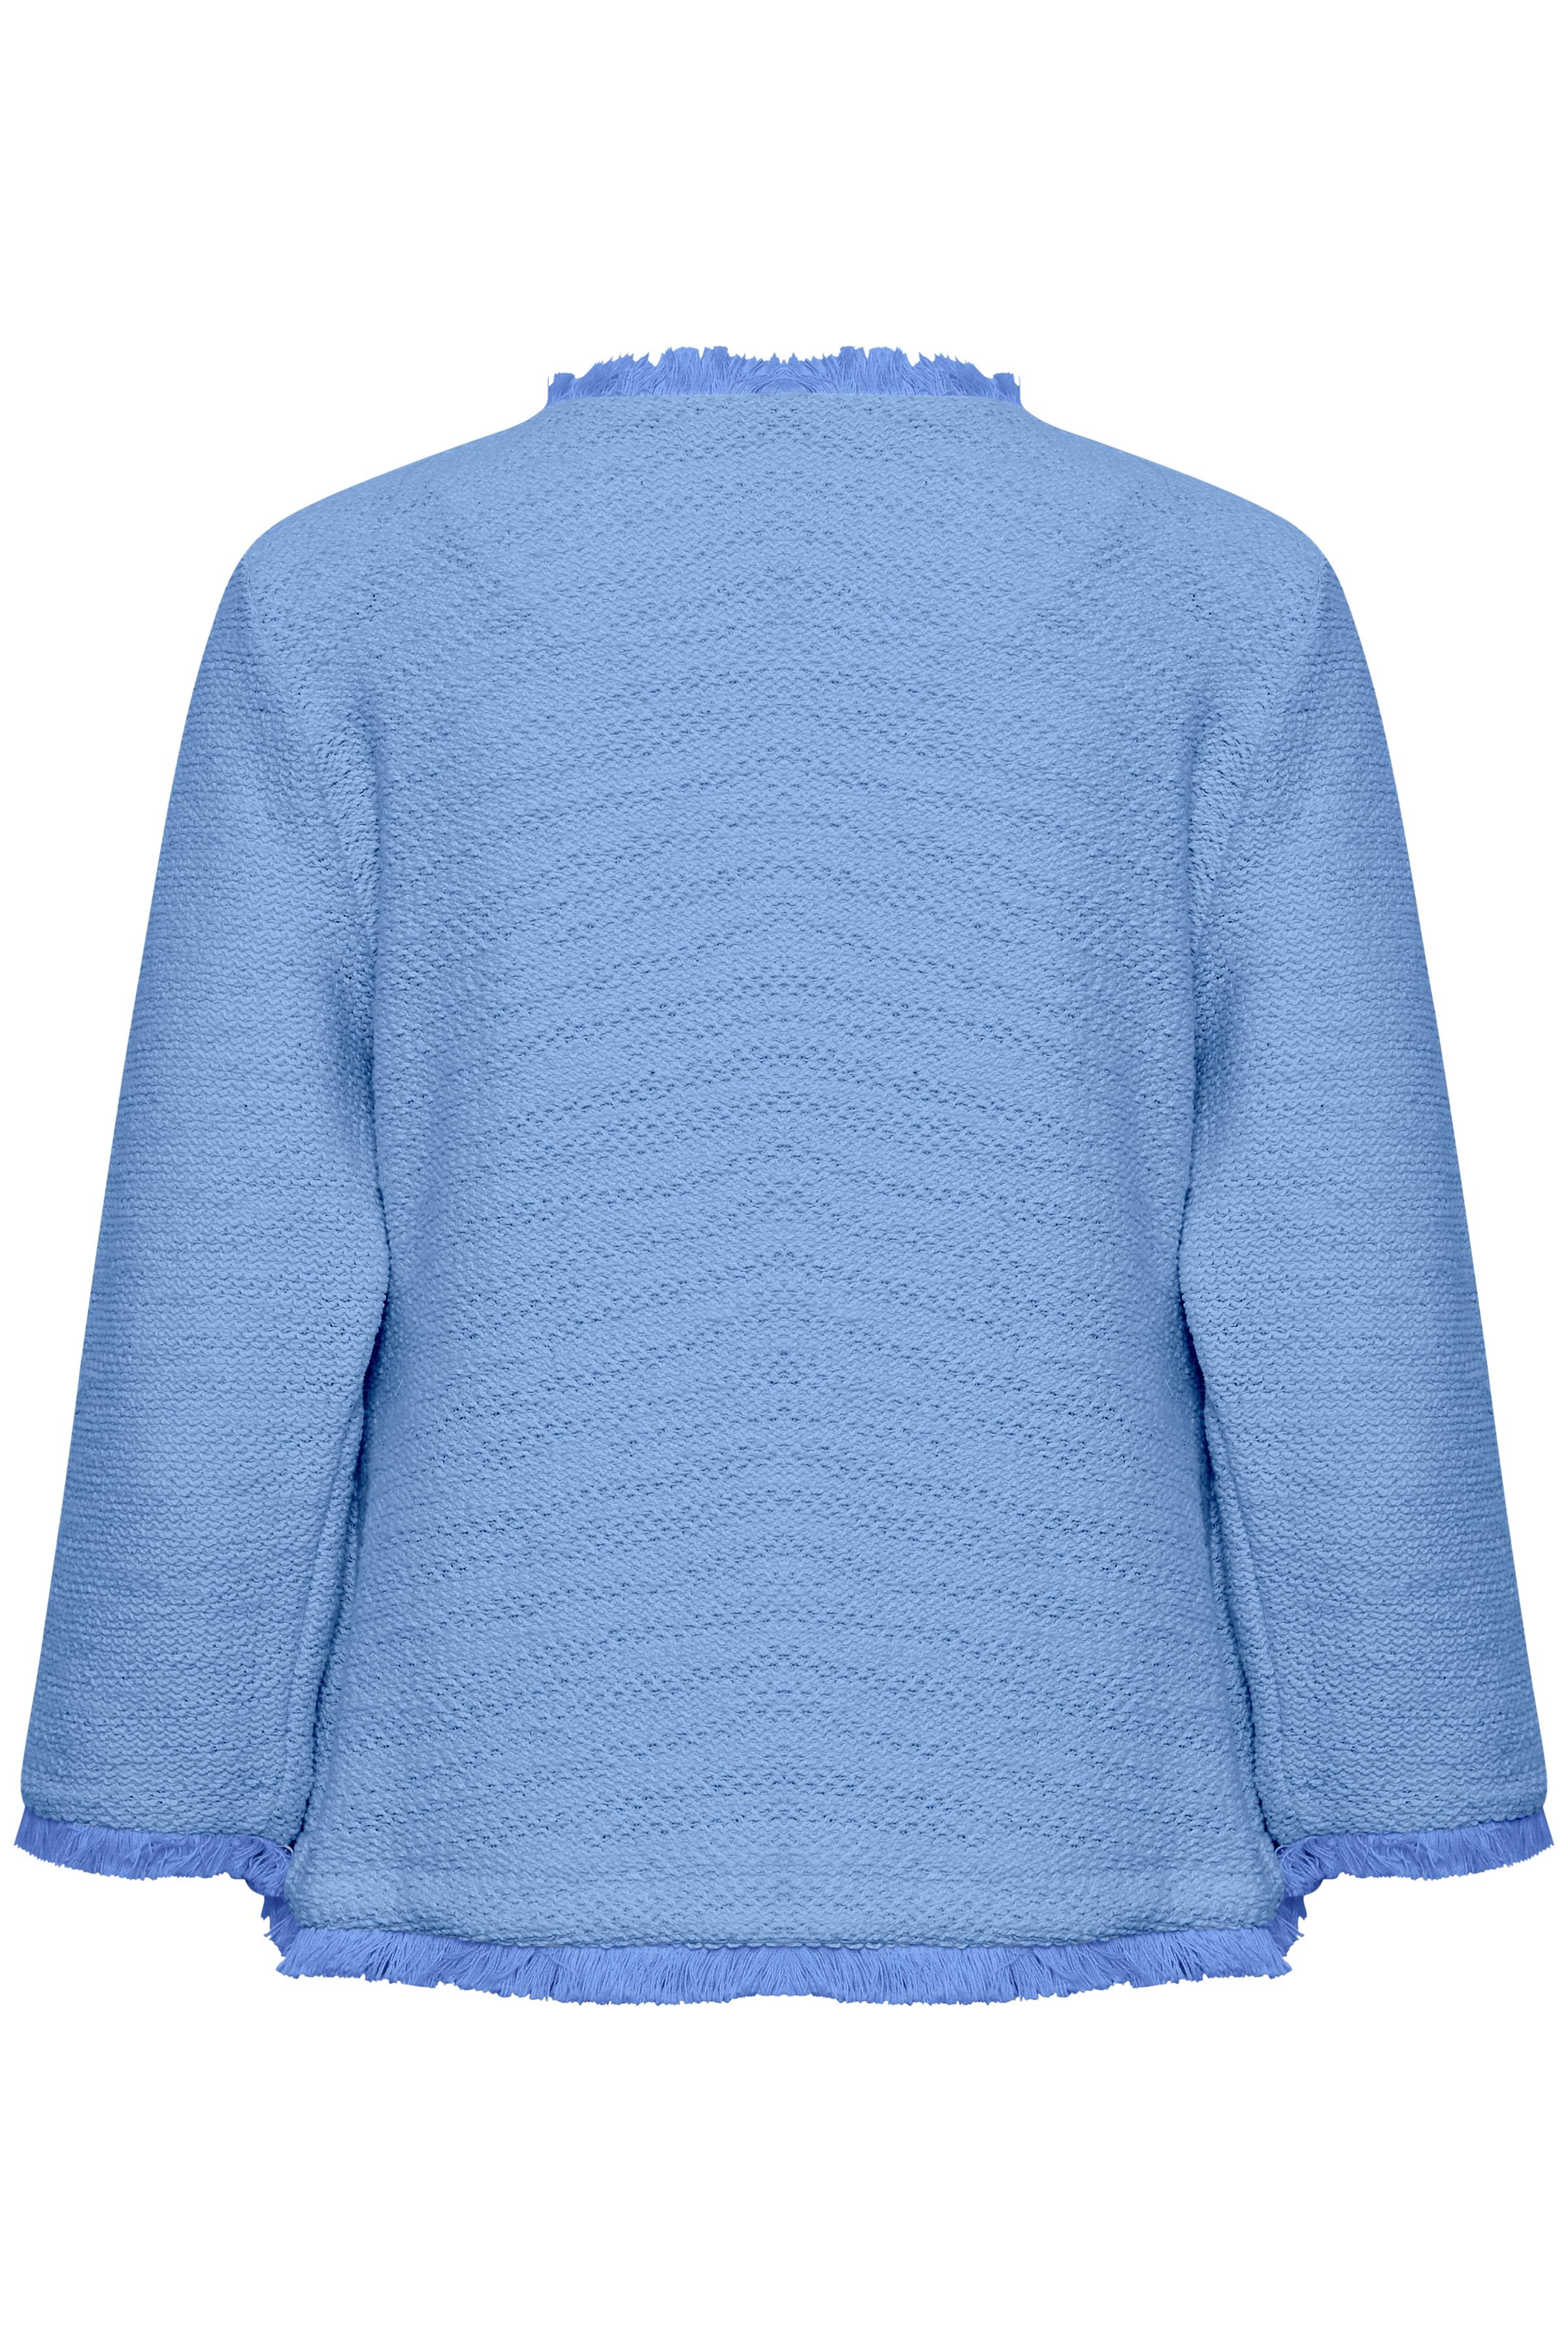 Hellblau Cardigan von Cream – Shoppen Sie Hellblau Cardigan ab Gr. XS-XXL hier